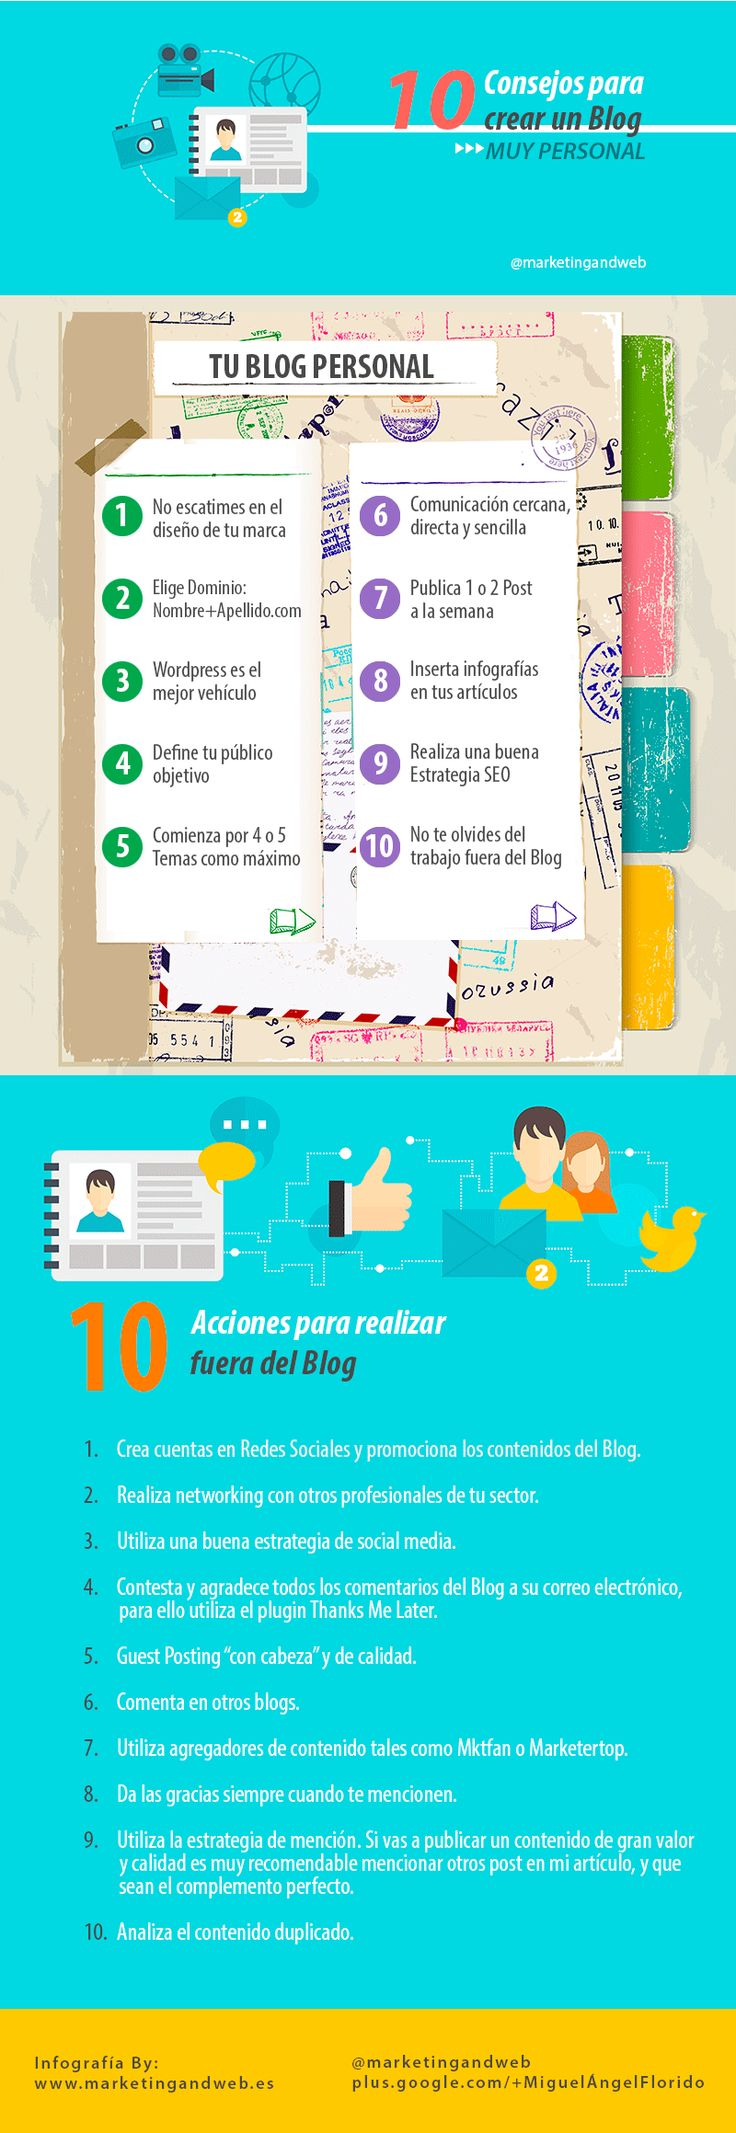 ★★★★ 10 Consejos que te ayudarán a hacer un Blog Personal. ¿Sabes cómo crear un blog y conseguir miles de visitas en pocos meses?.  #blog #wordpress #SM #communitymanager